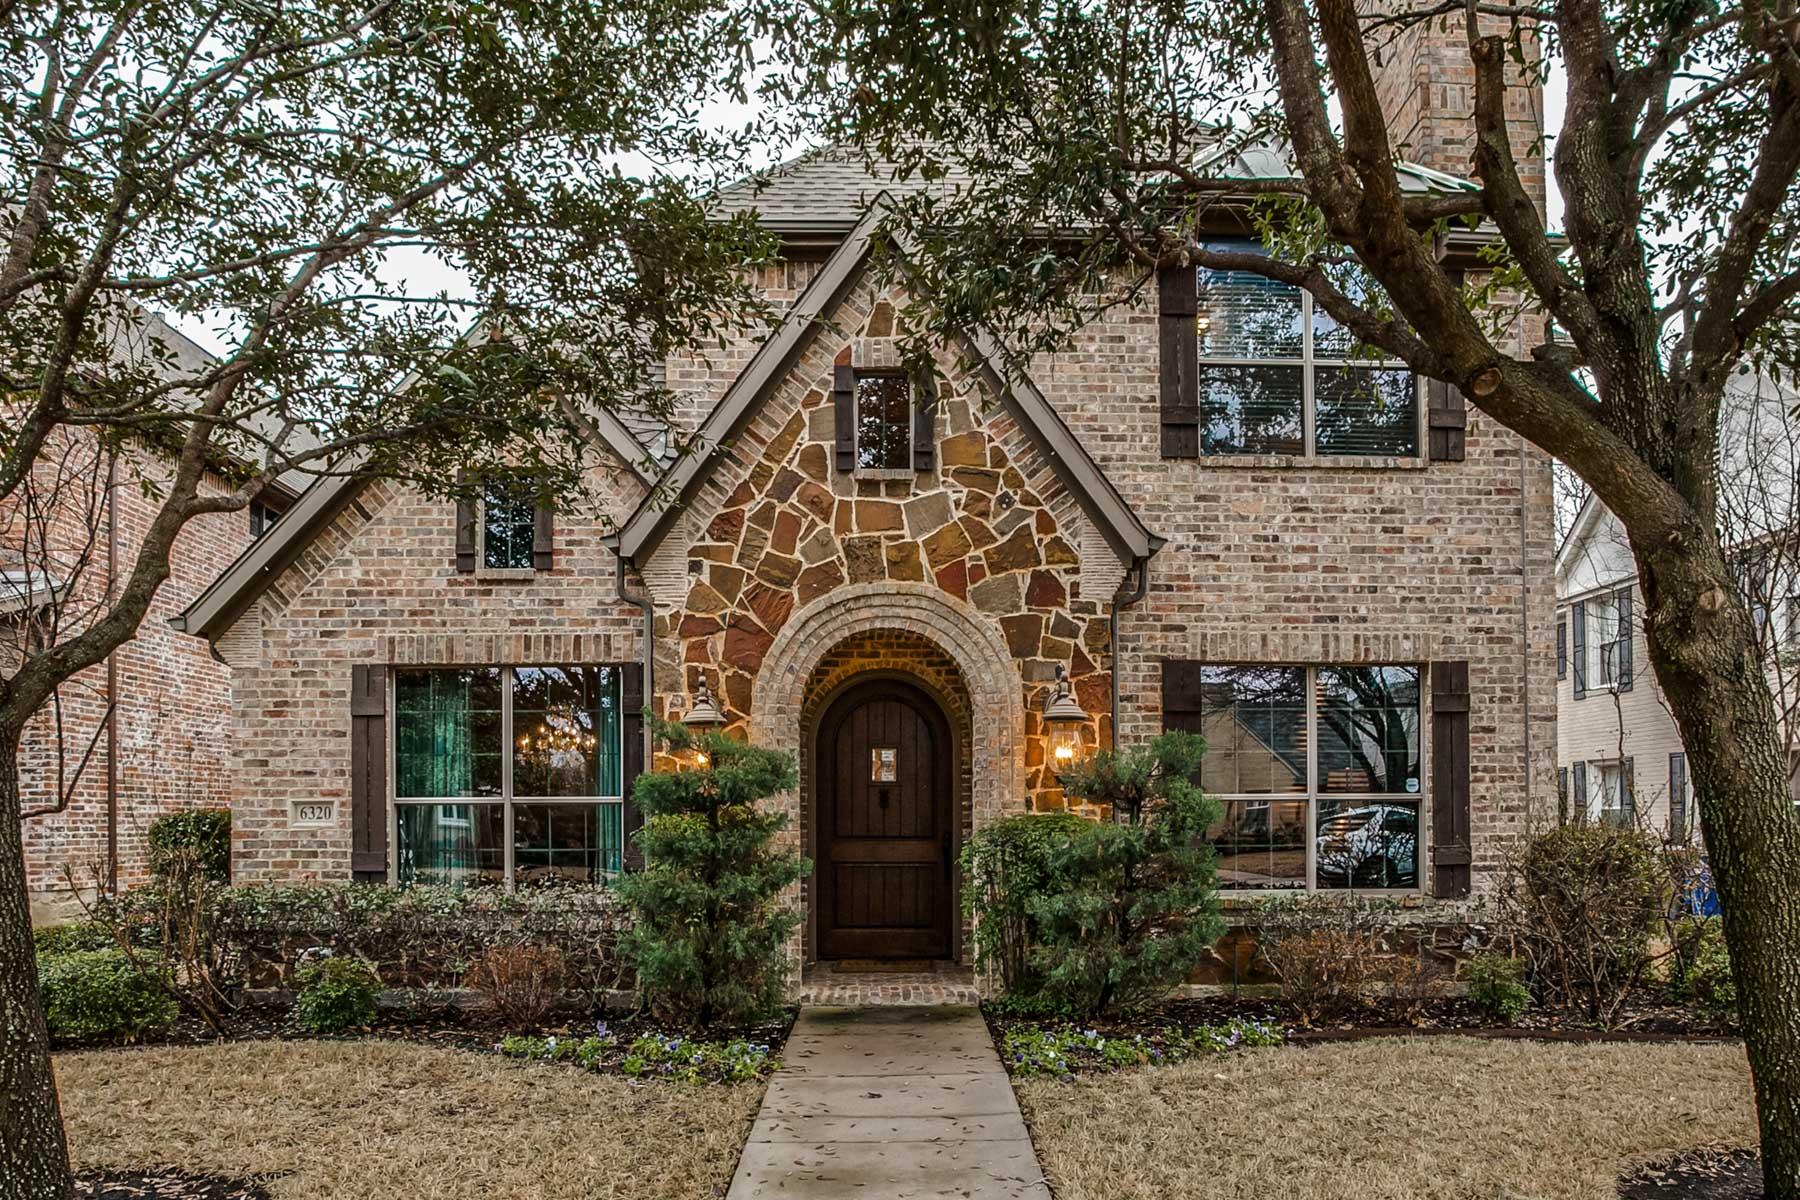 Single Family Home for Sale at 6320 Llano Avenue, Dallas Dallas, Texas, 75214 United States